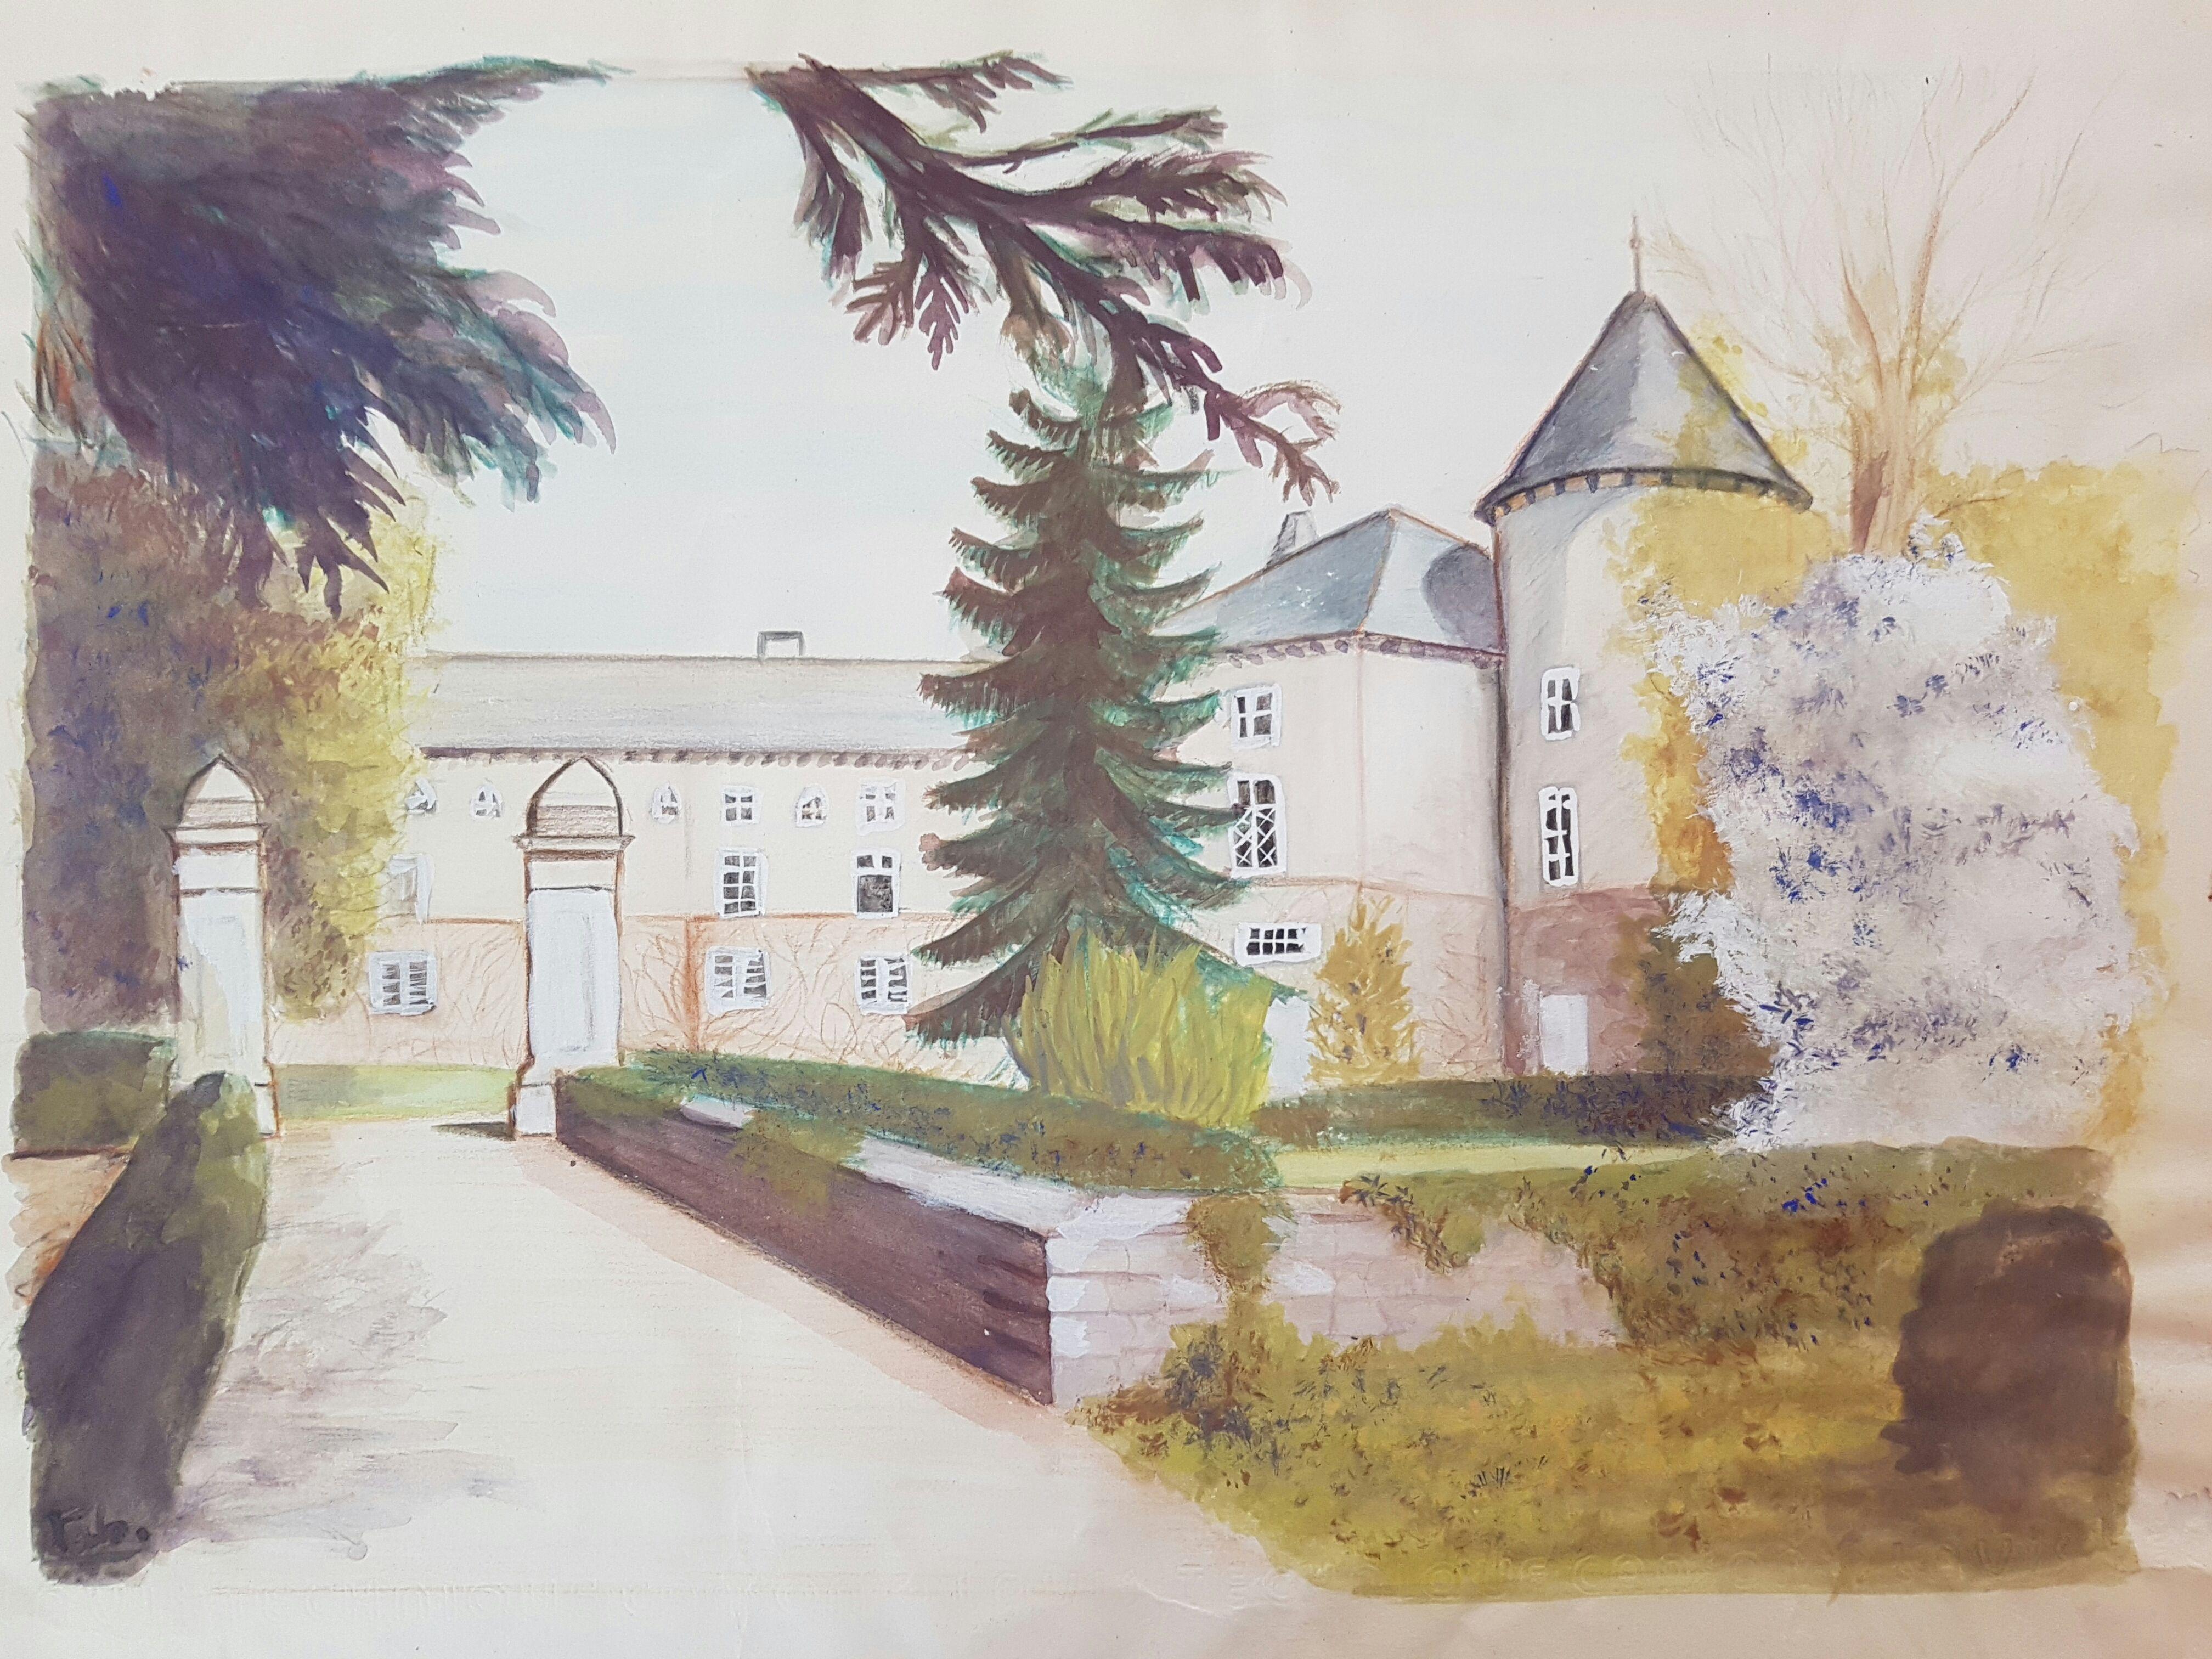 La Forêt Sur Sèvre France château (castle) in [la forêt sur sèvres deux sèvres france